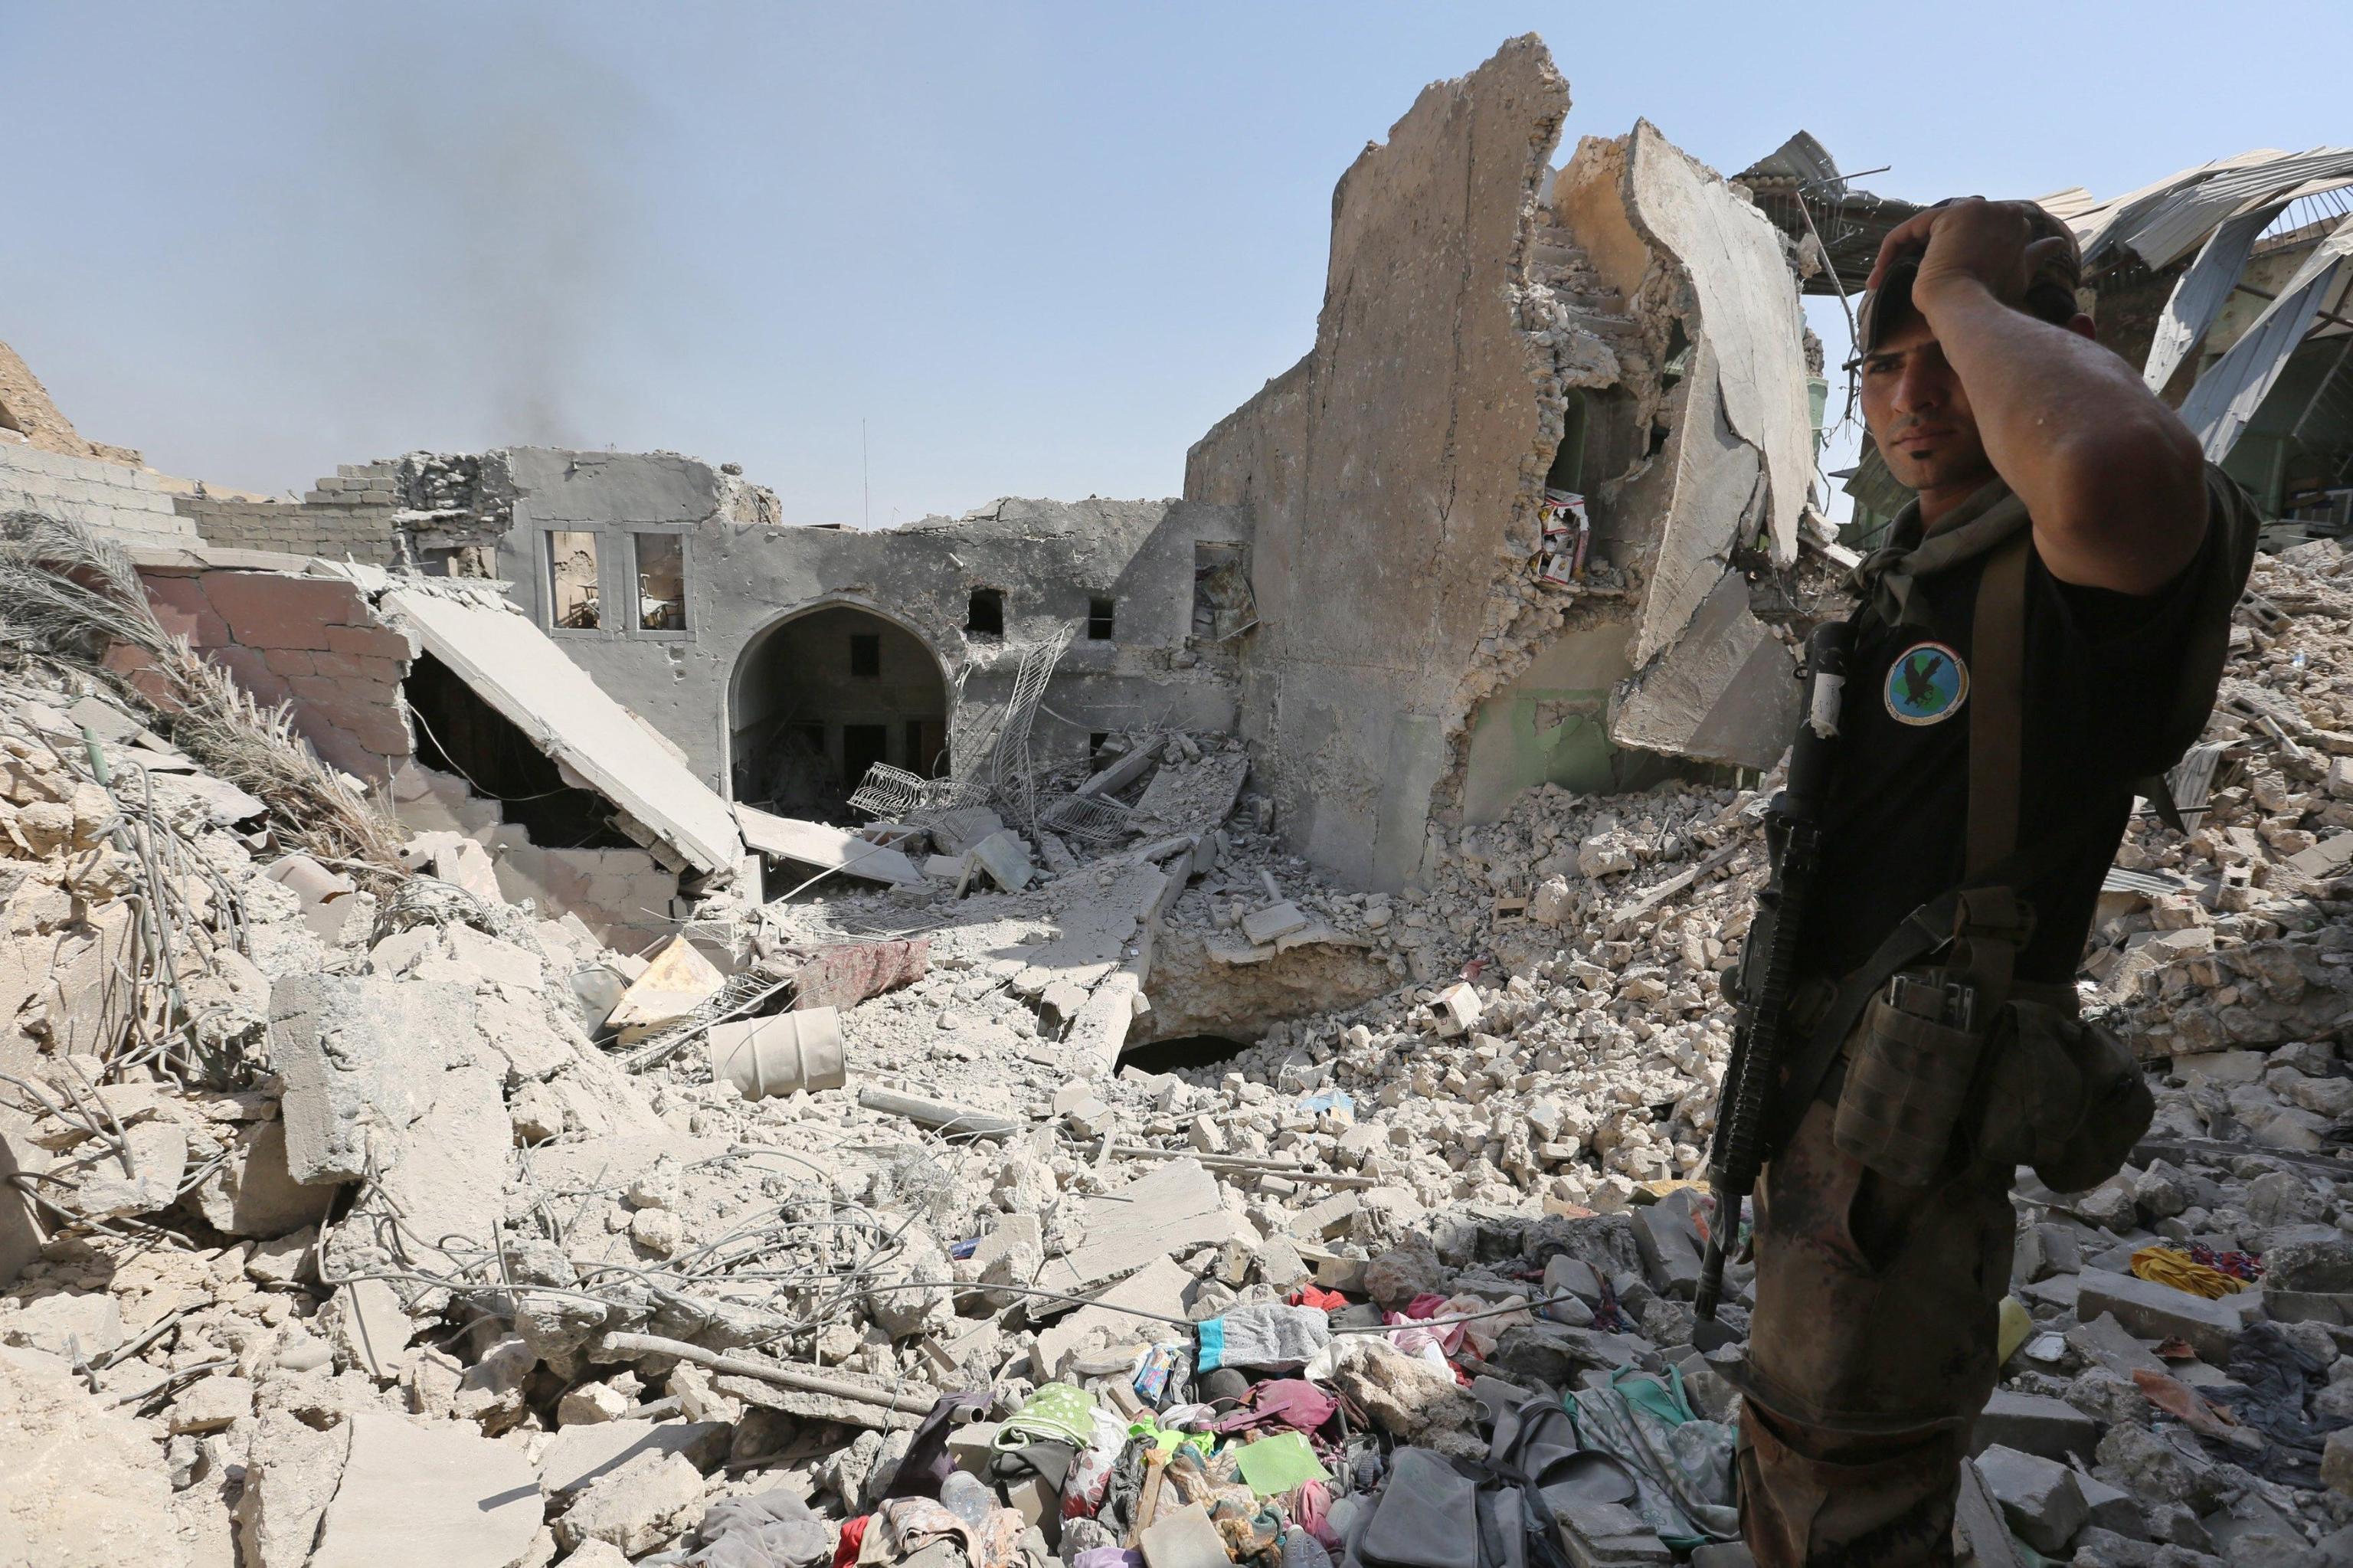 Guerra all'Isis, jihadisti travestiti da donna per fuggire da Mosul